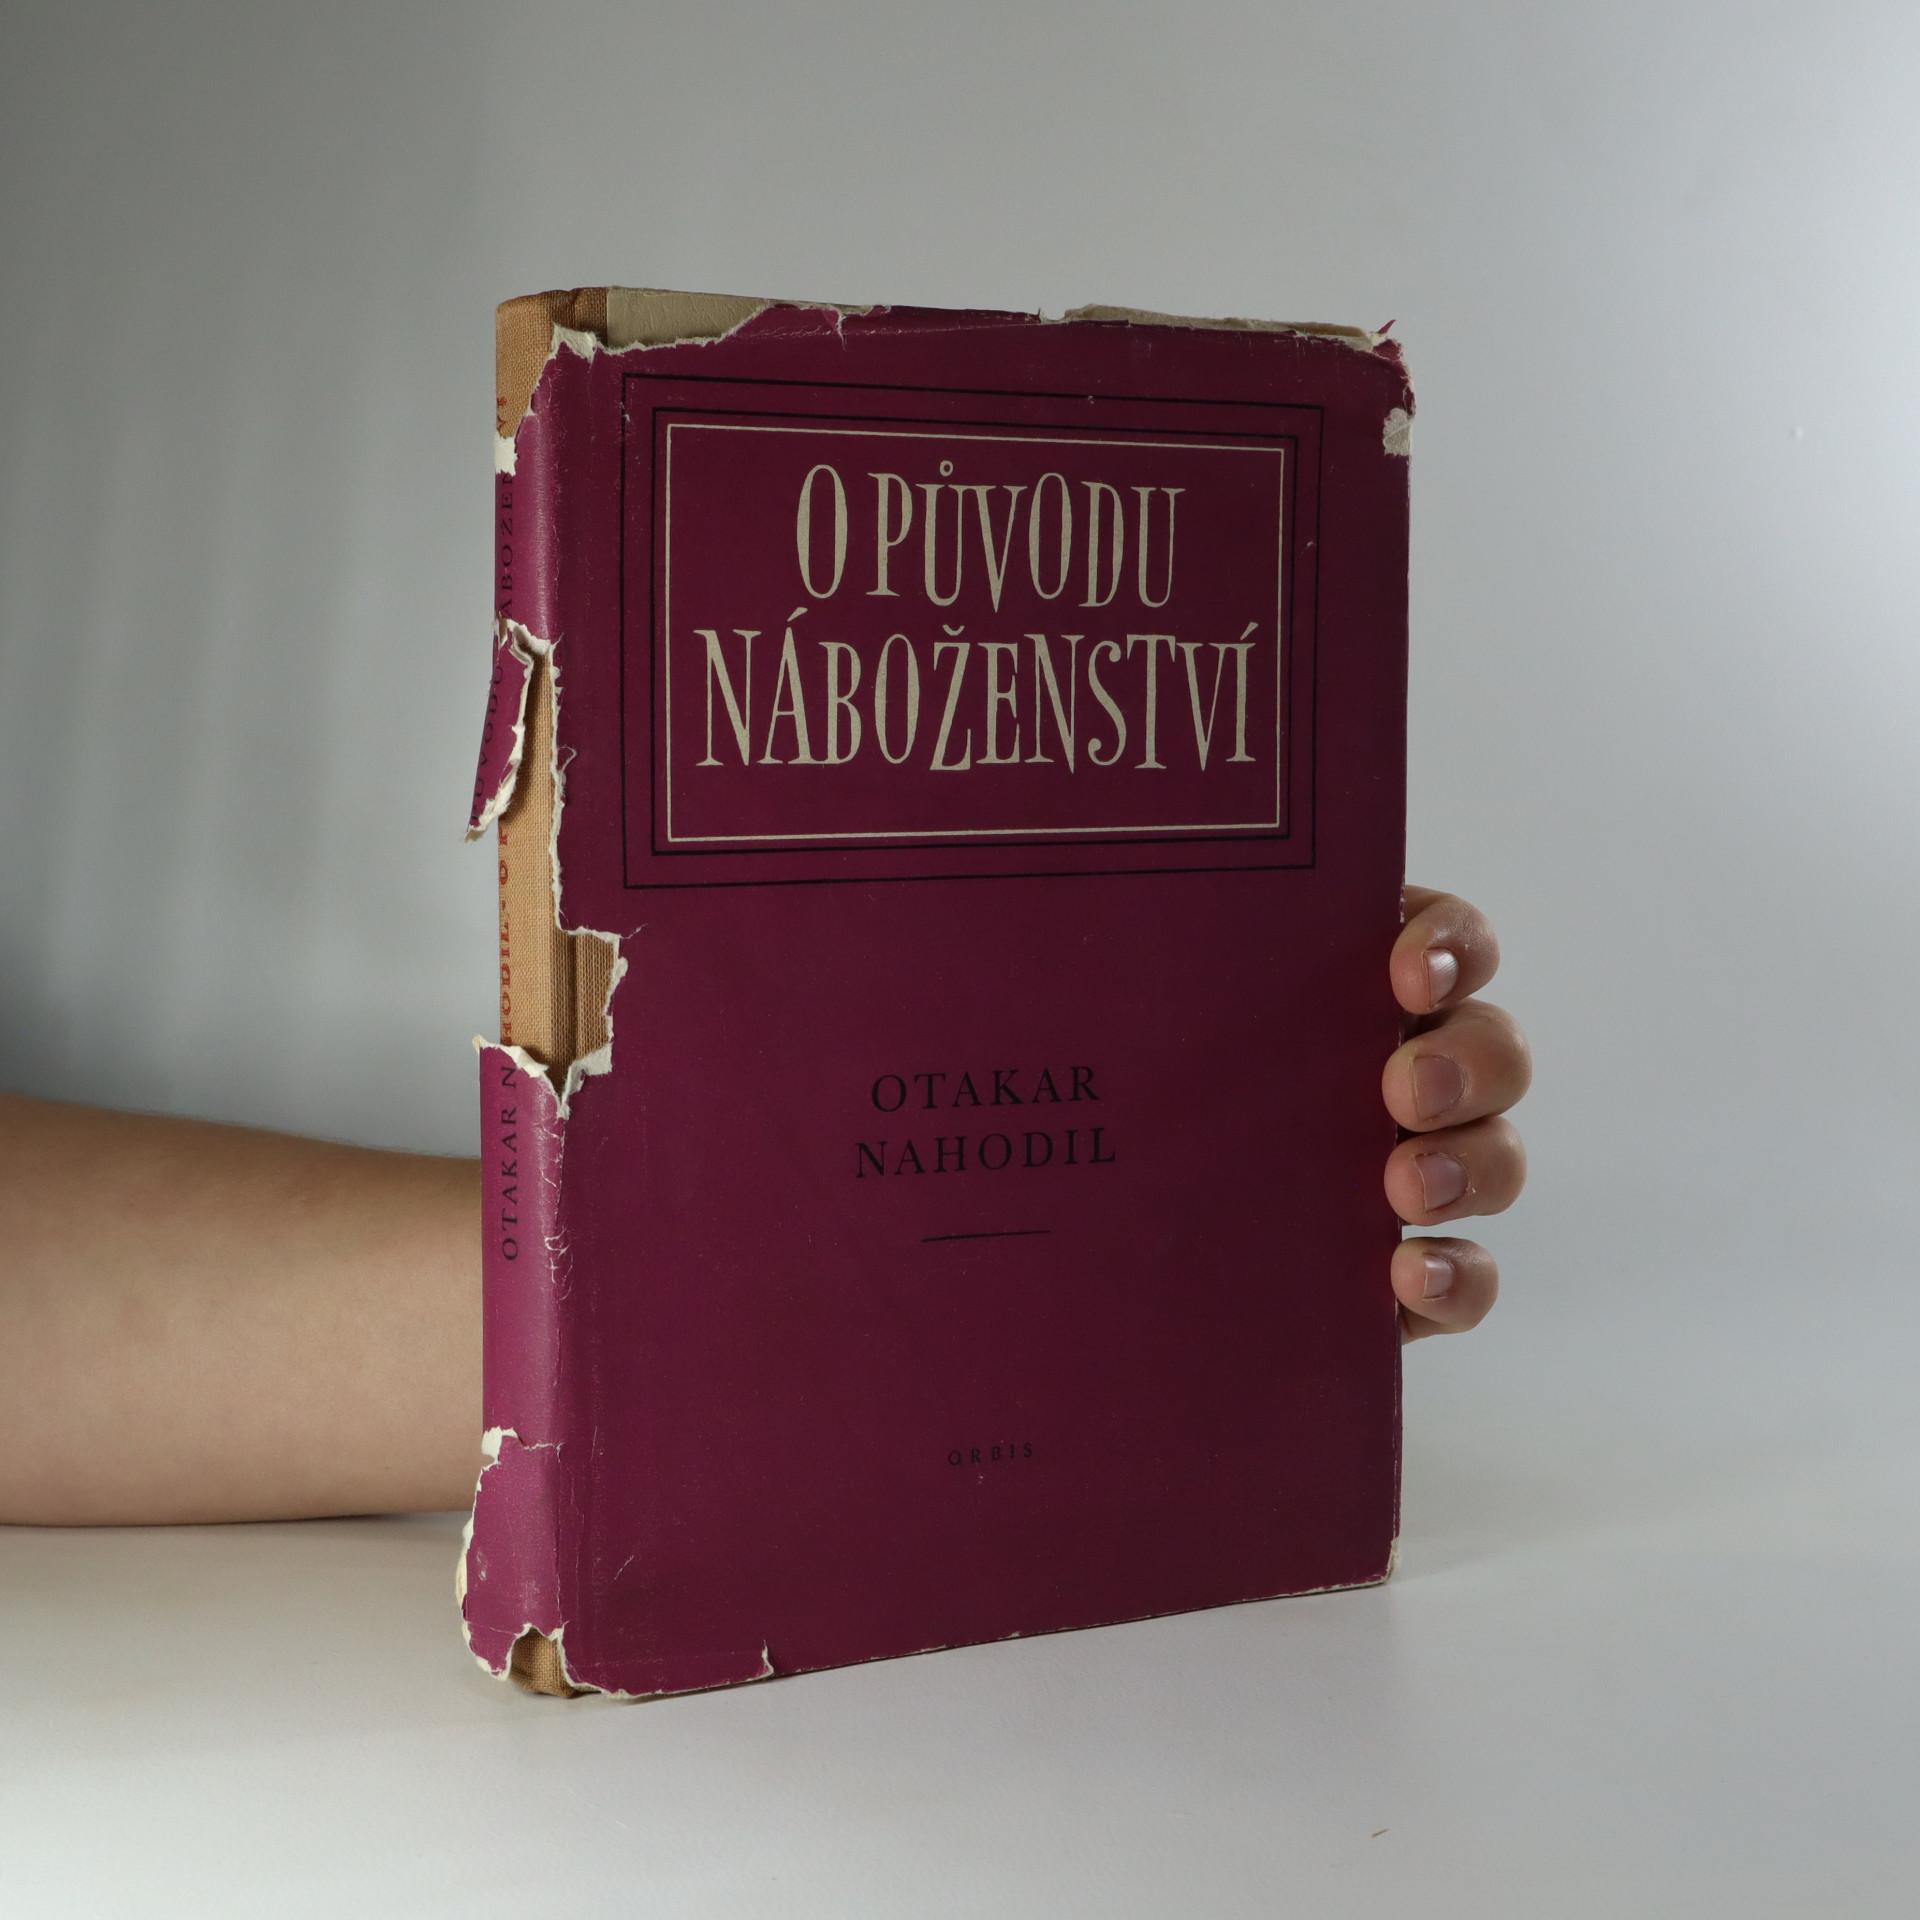 antikvární kniha O původu náboženství, 1954